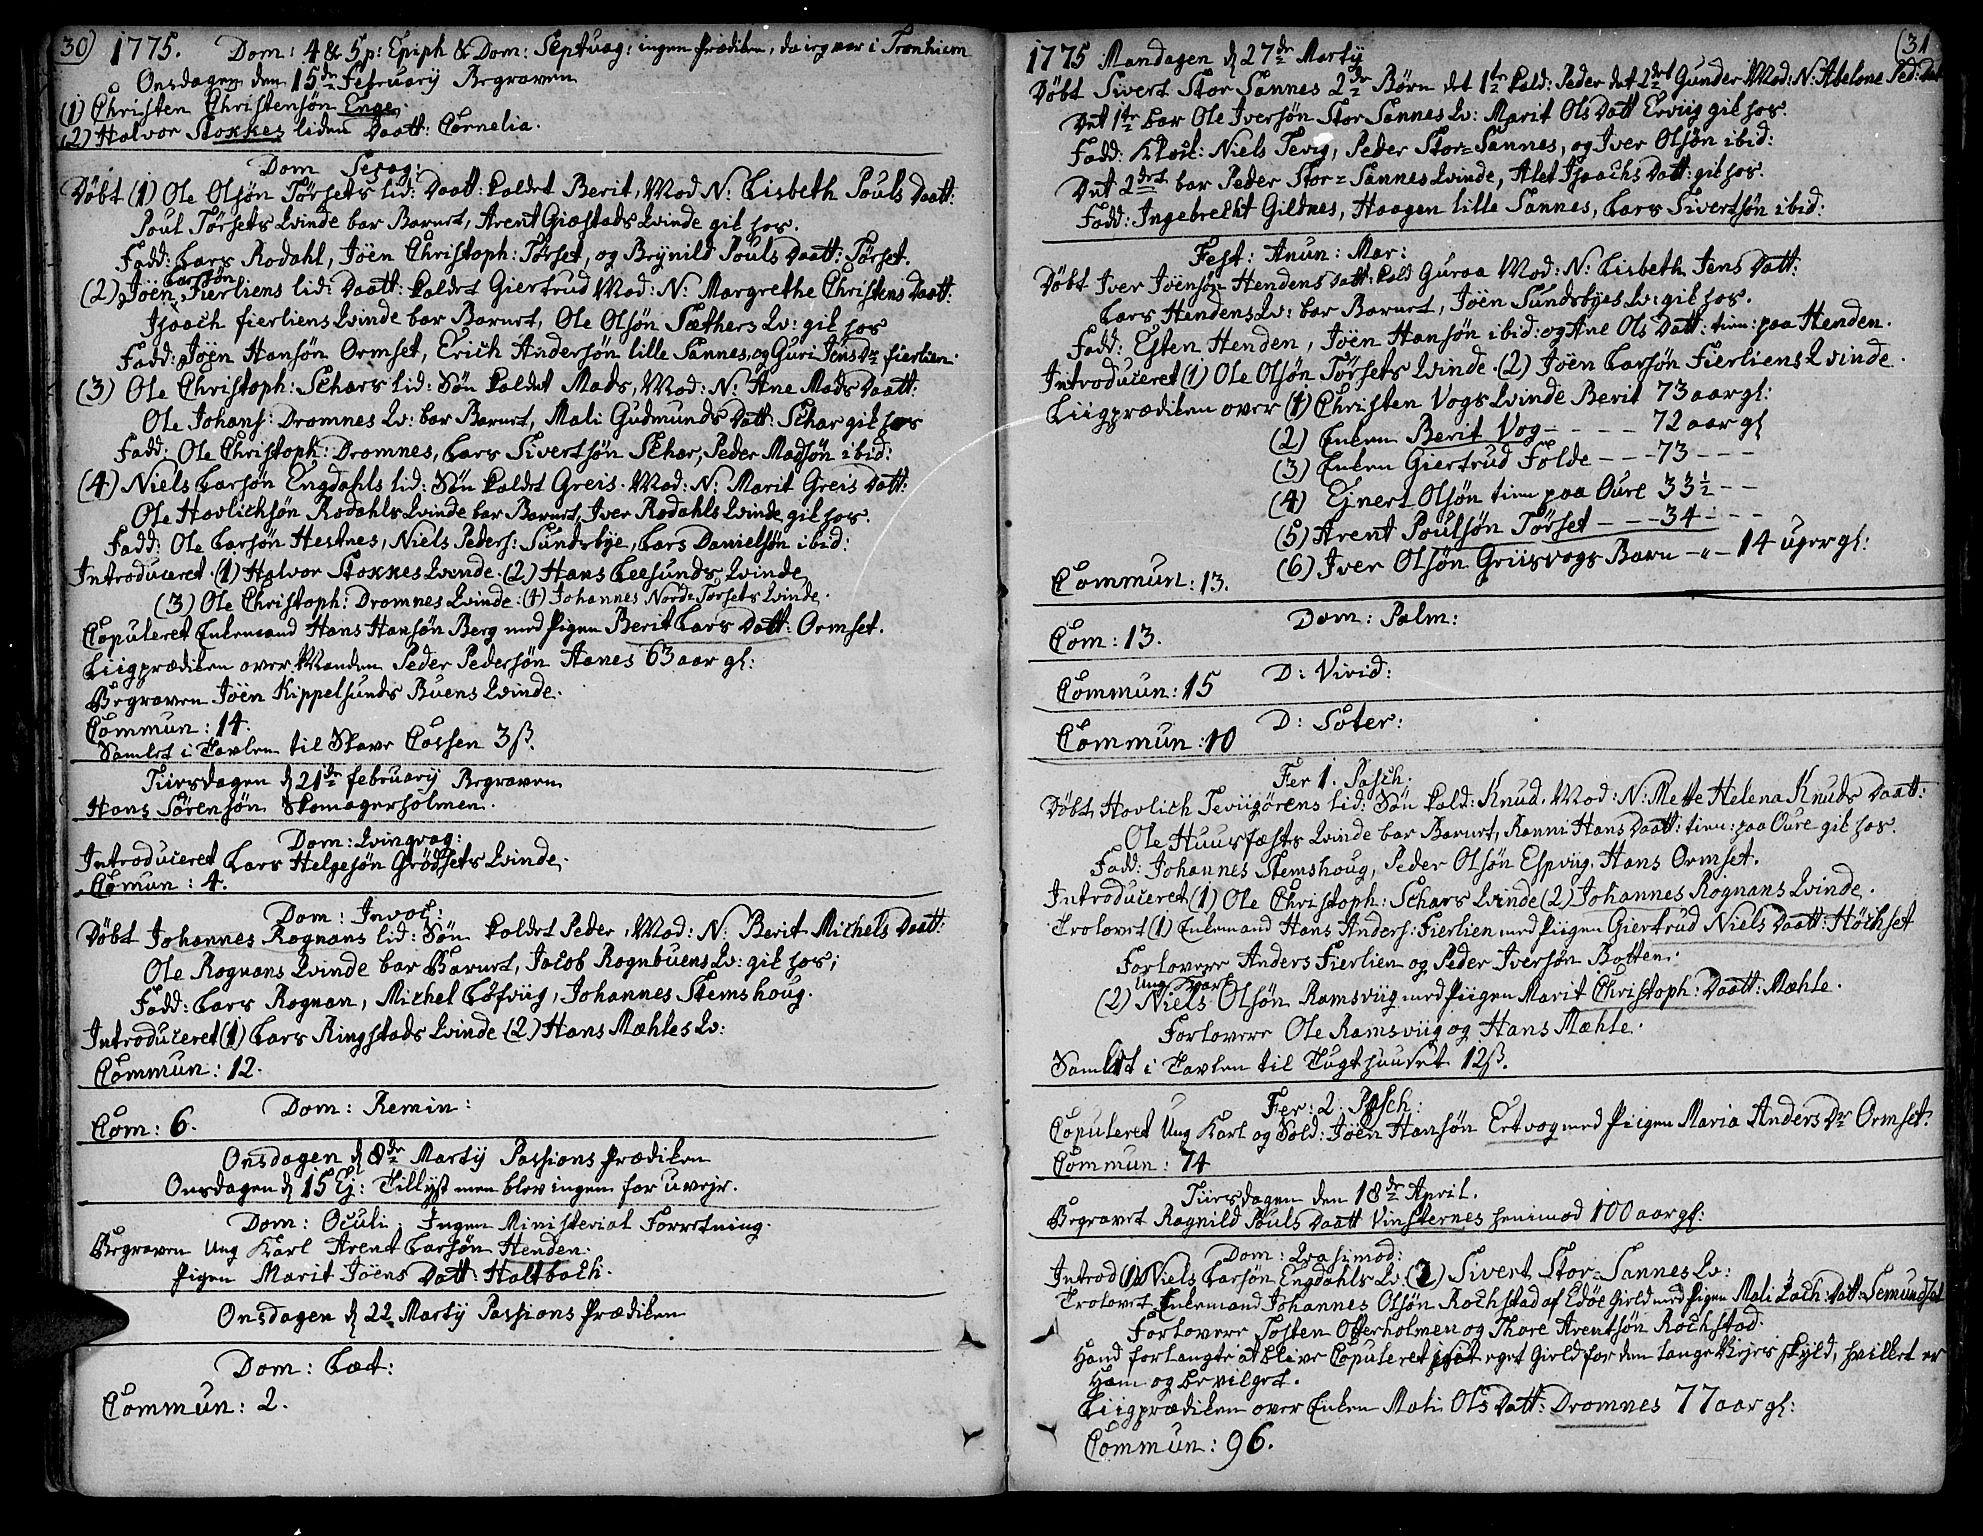 SAT, Ministerialprotokoller, klokkerbøker og fødselsregistre - Møre og Romsdal, 578/L0902: Ministerialbok nr. 578A01, 1772-1819, s. 30-31